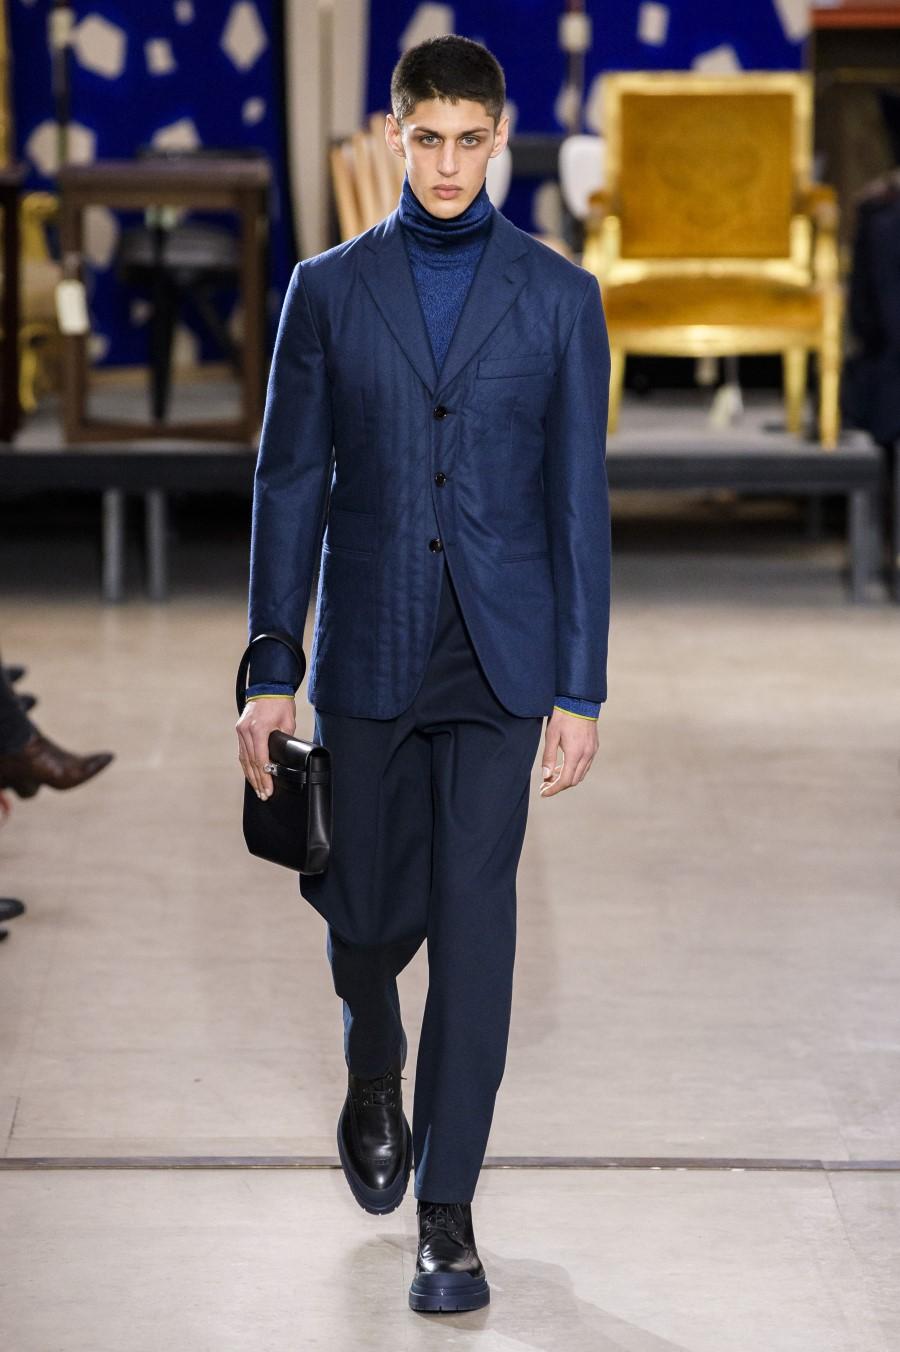 Hermès Men s Fall Winter 2019 - Paris Fashion Week - fashionotography 3140e8d7423